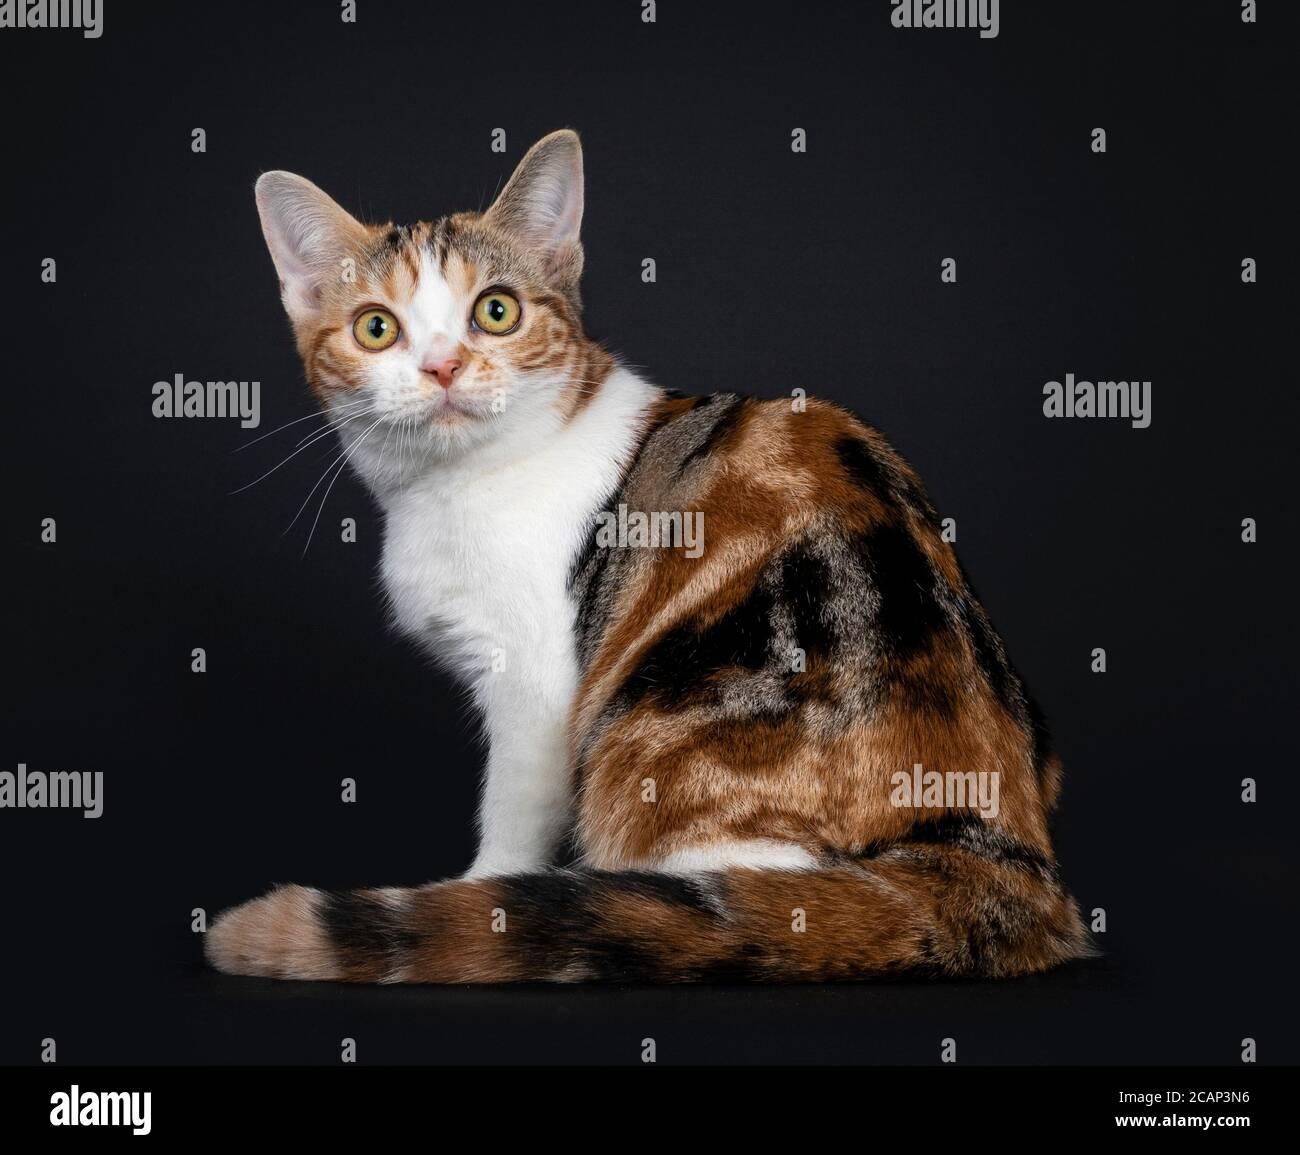 Joli chaton américain Shorthair chat avec un modèle étonnant, assis en arrière. En regardant par-dessus l'épaule directement à l'appareil photo avec les yeux jaunes. Isolé sur b Banque D'Images